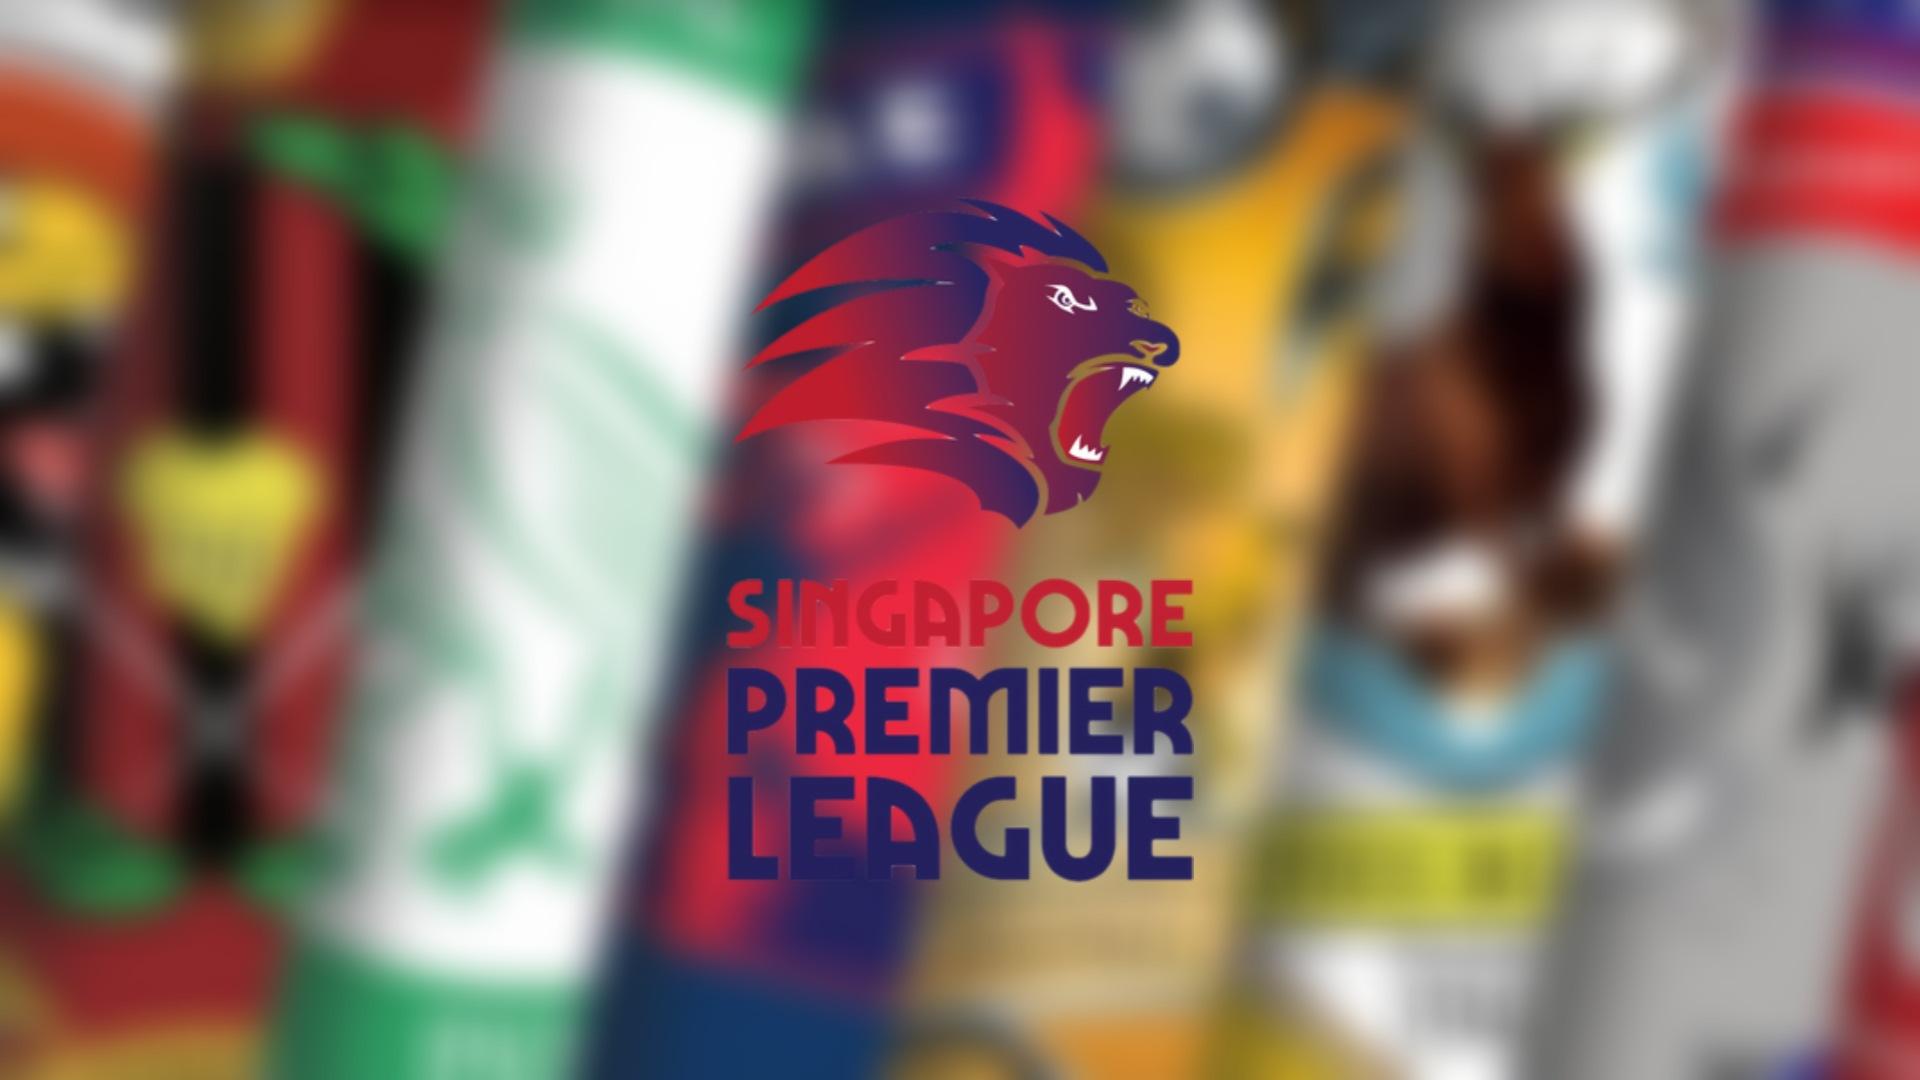 Jadual Liga Singapura 2021 Waktu Malaysia (Keputusan & Kedudukan Carta)